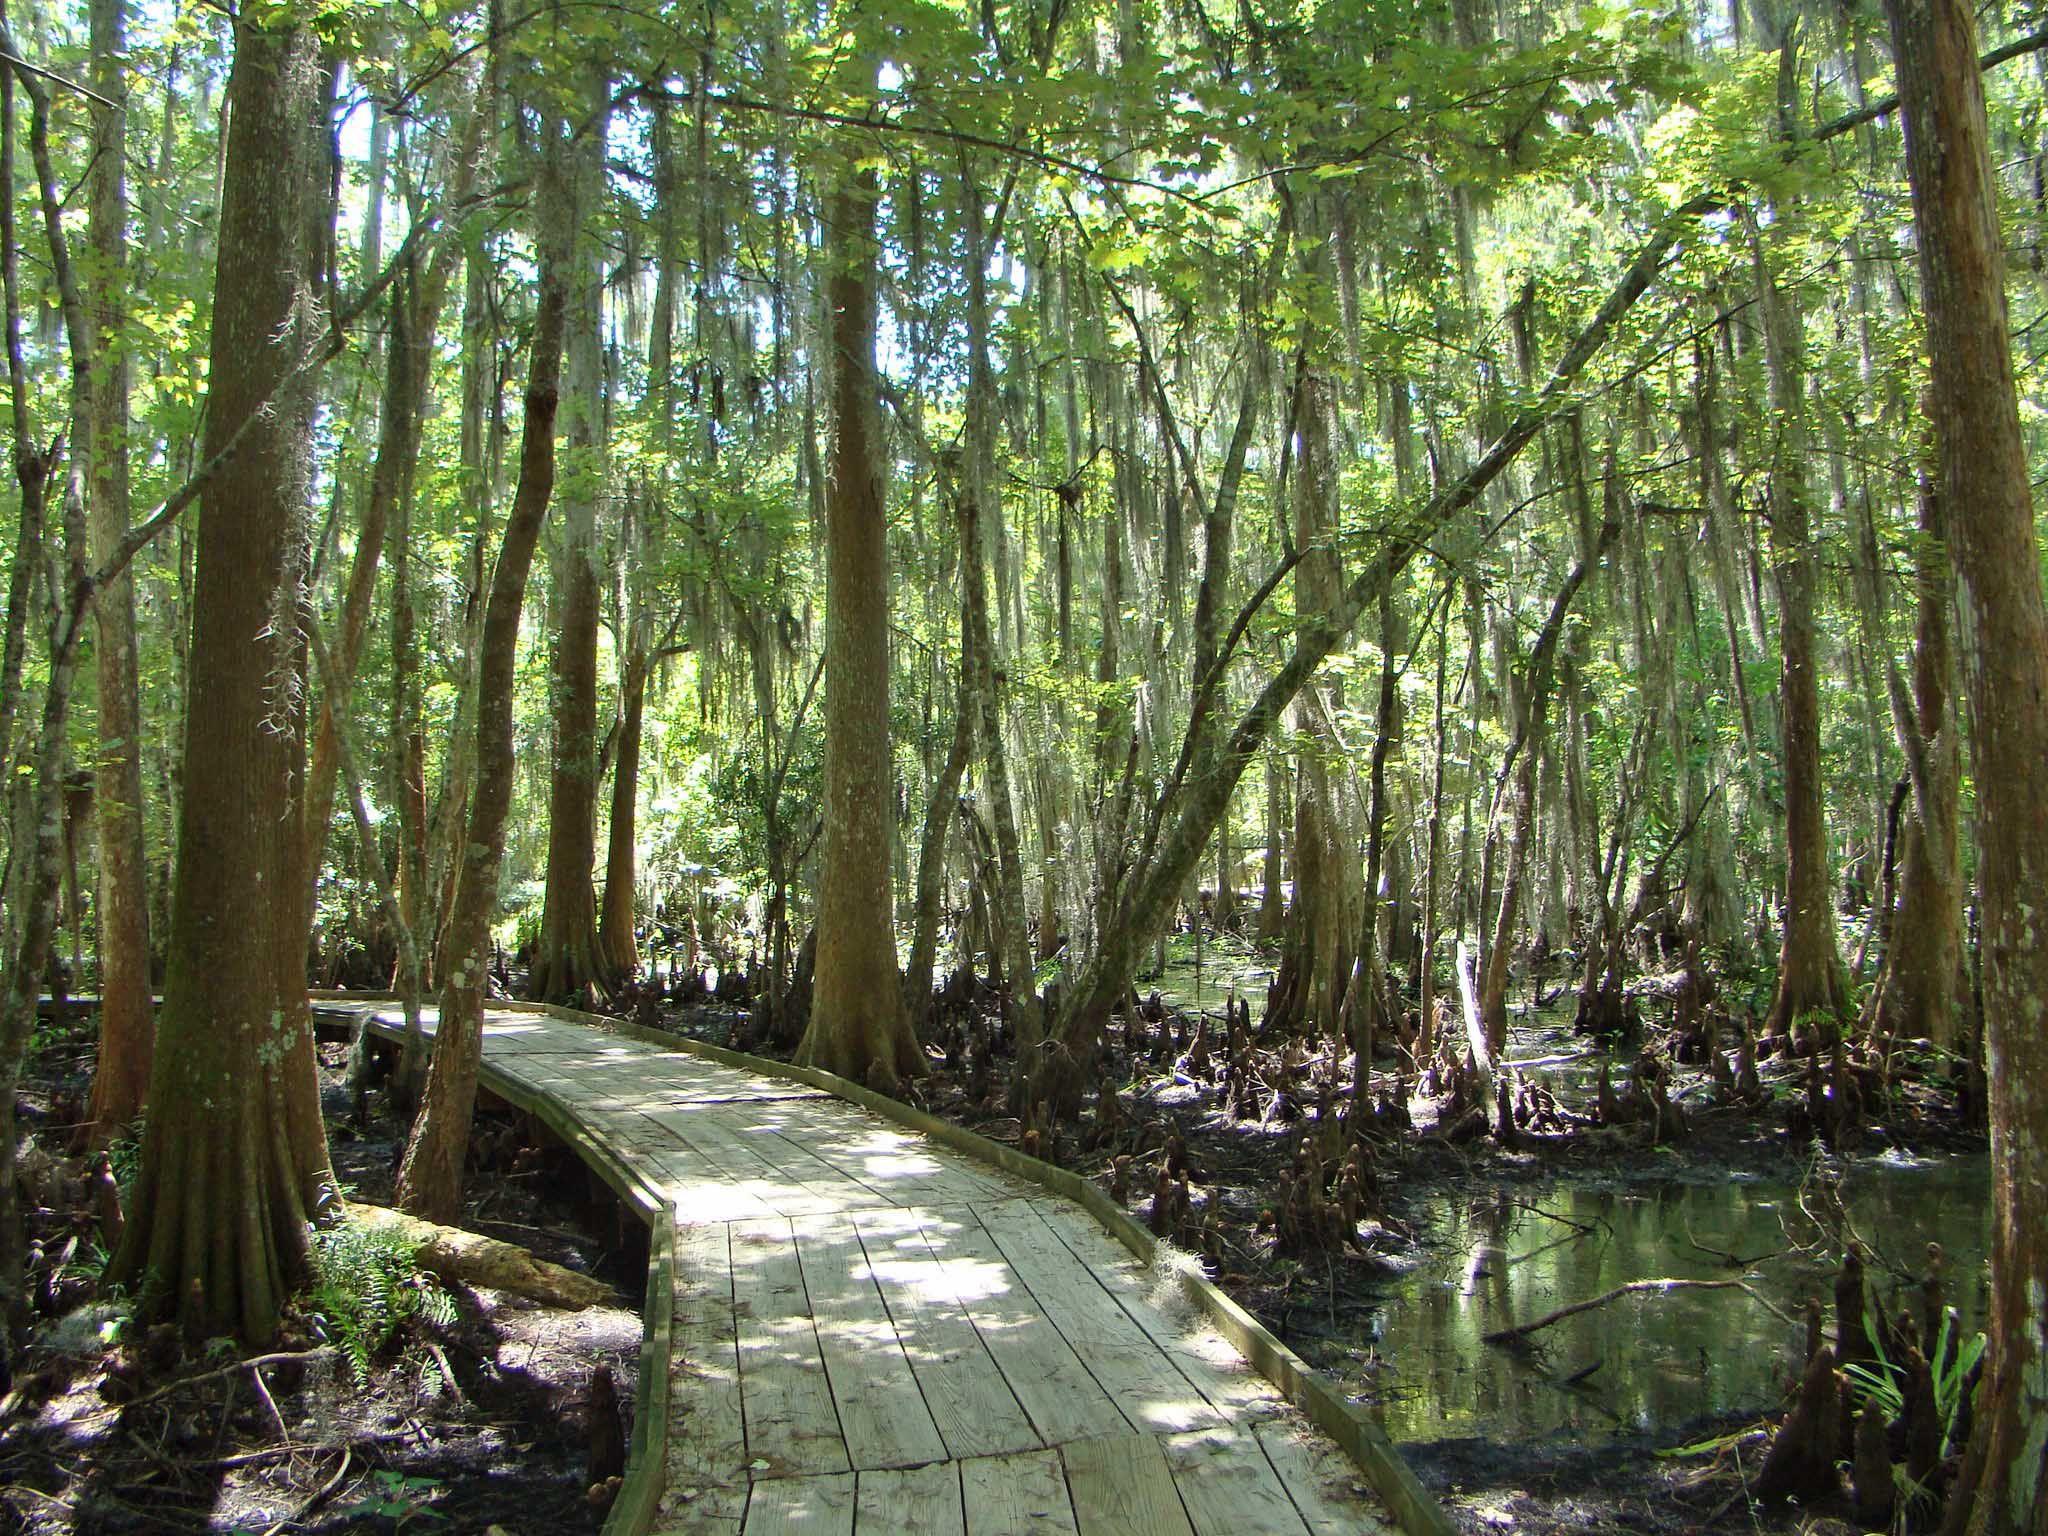 Visite una reserva natural en Nueva Orleans